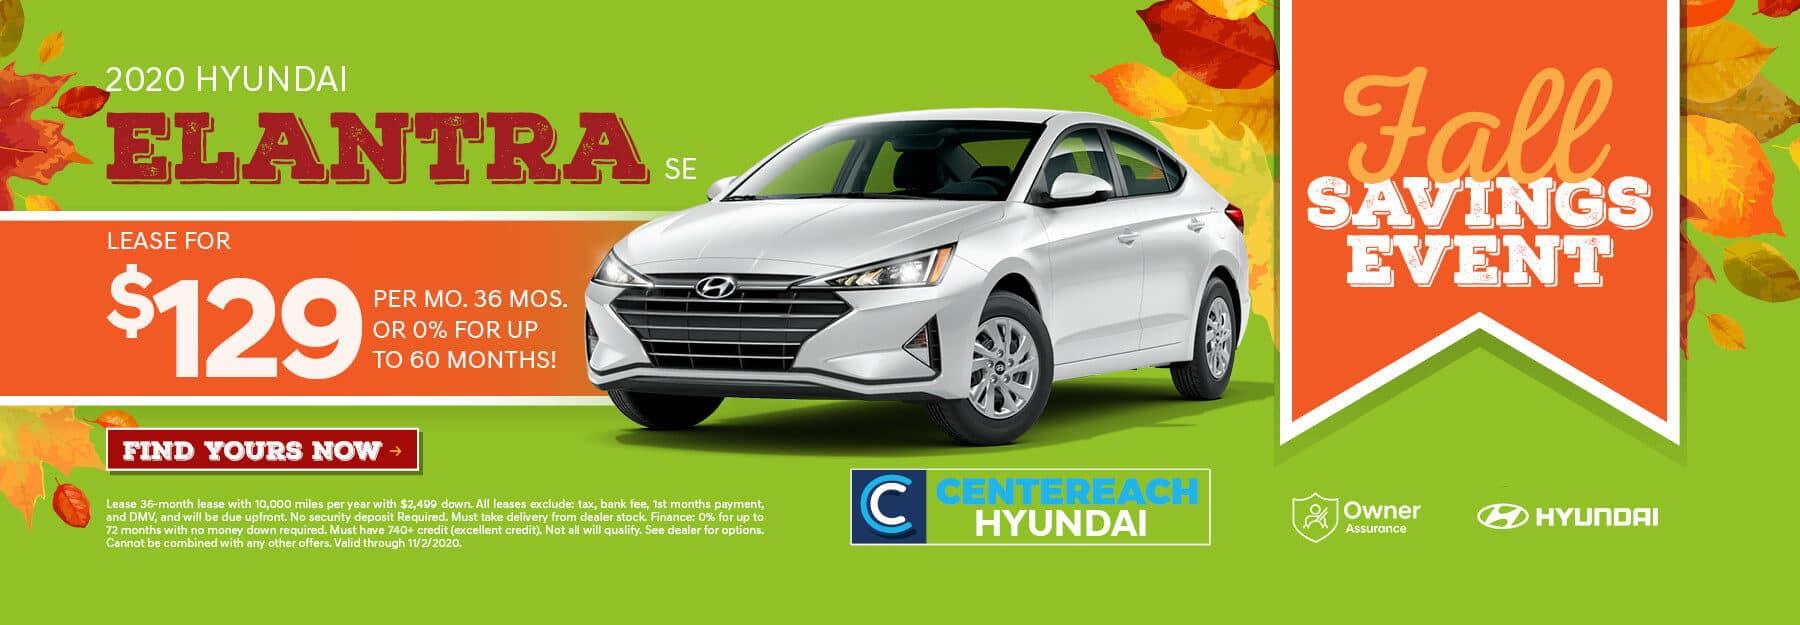 2020.10.08 Centereach Hyundai OCT Offer Banners_S49005mr-as1